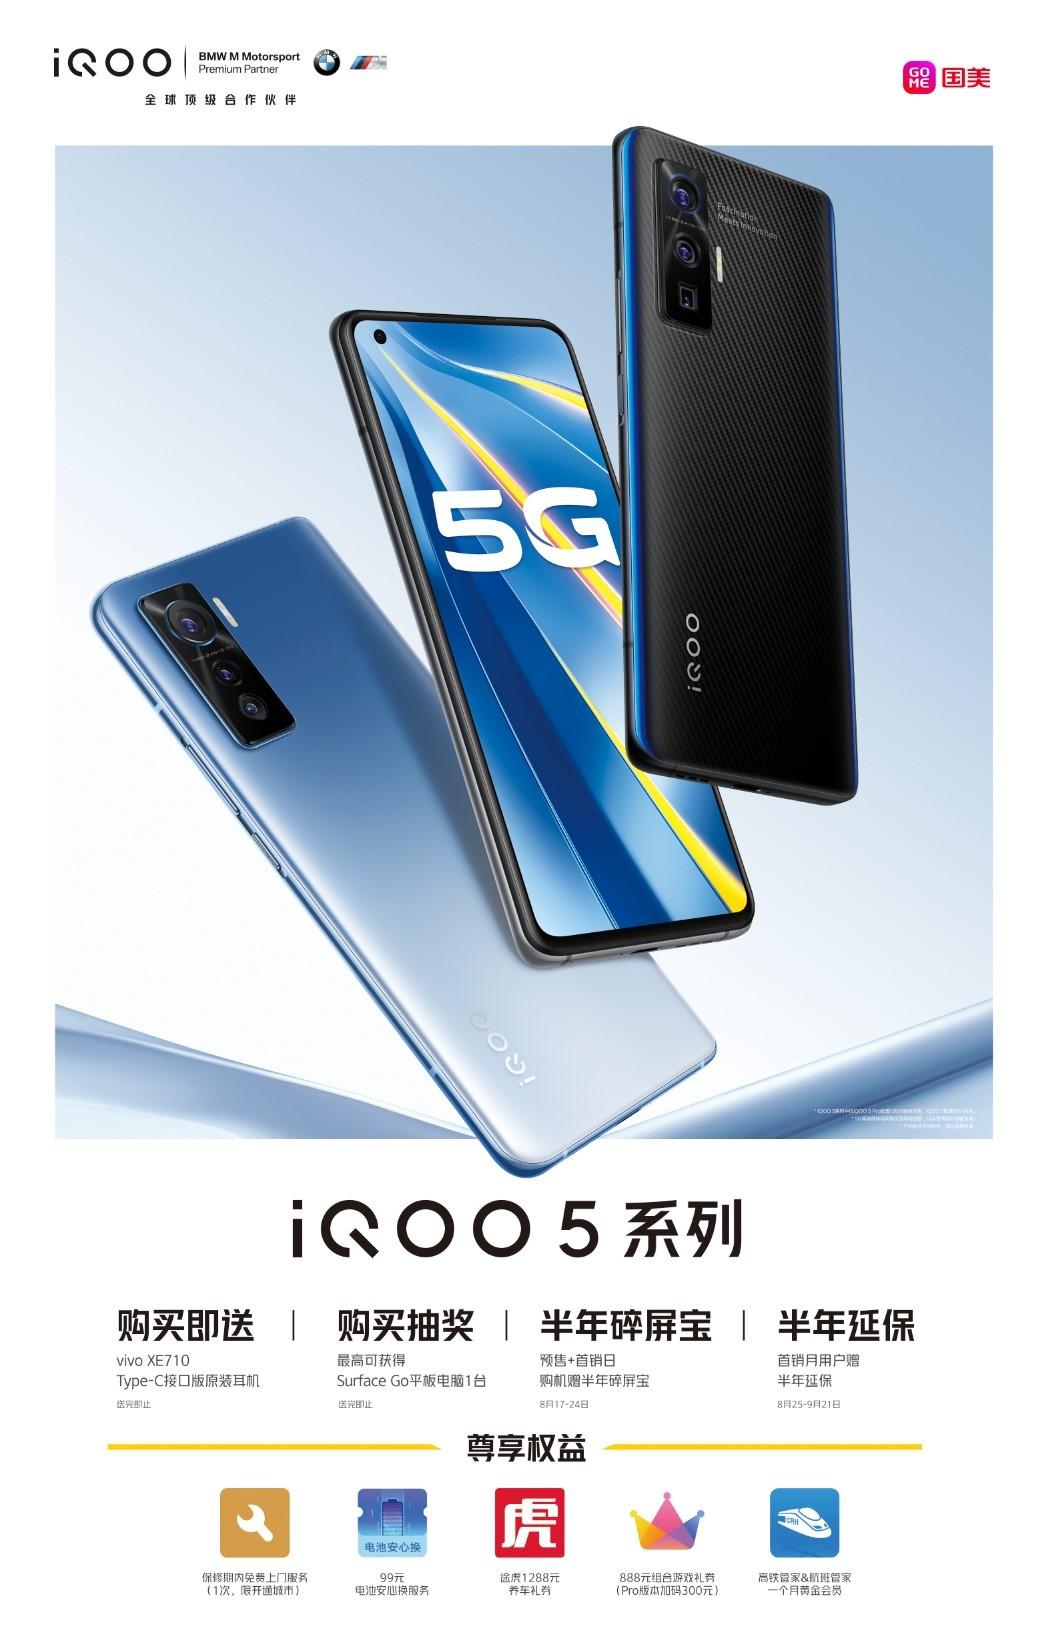 新一代5G游戏旗舰手机 iQOO 5国美开启预约